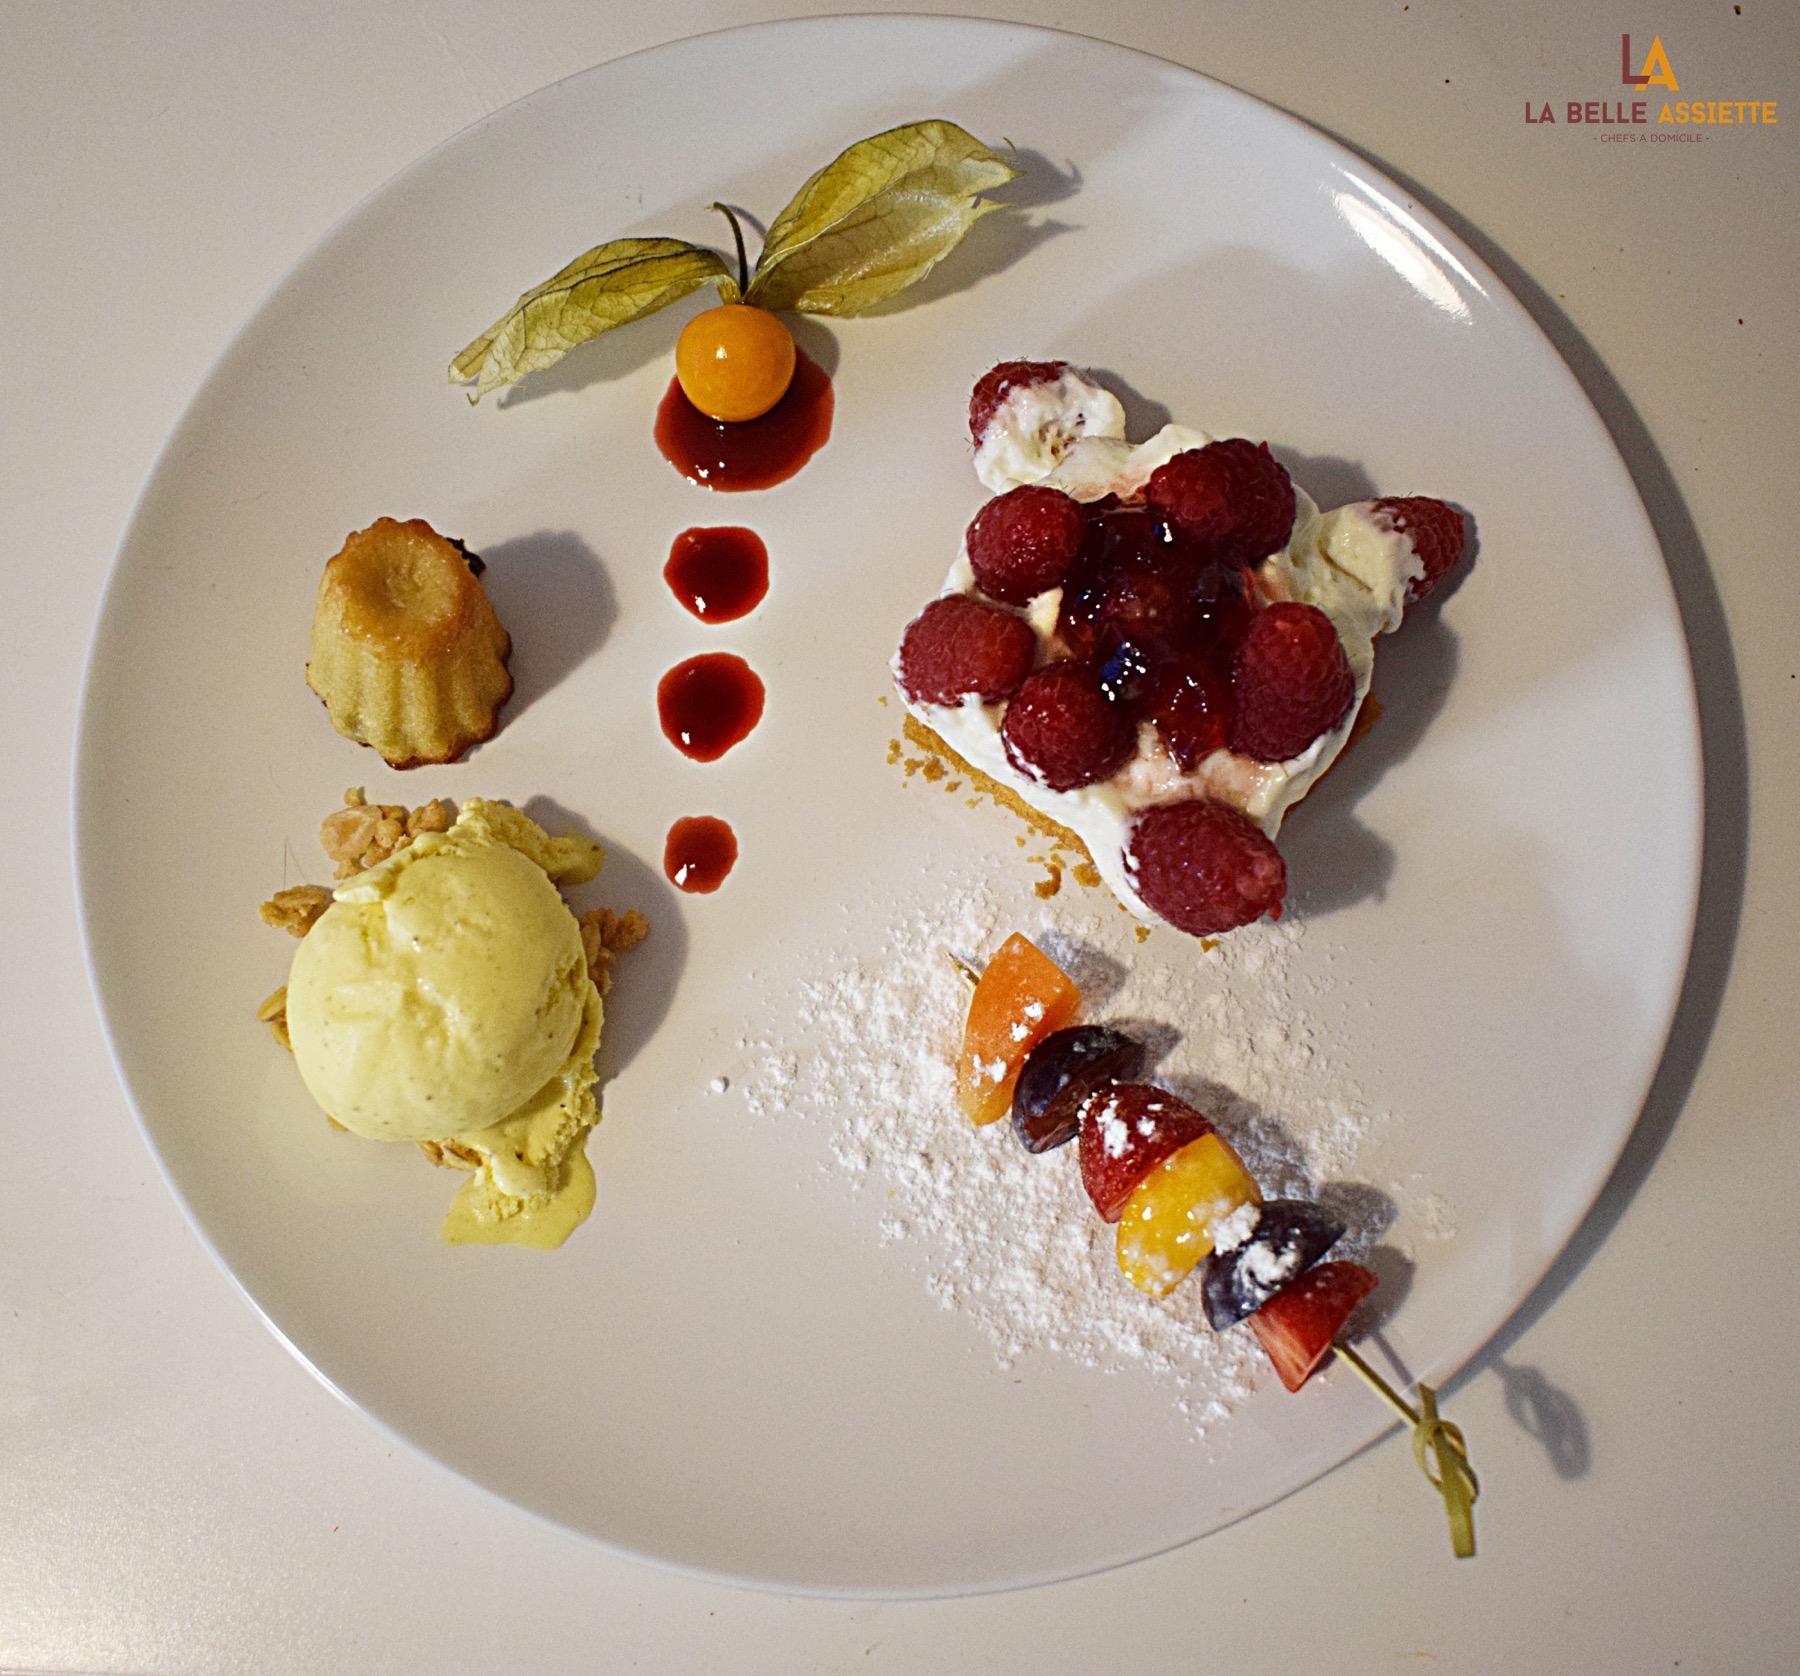 la belle assiette bordeaux